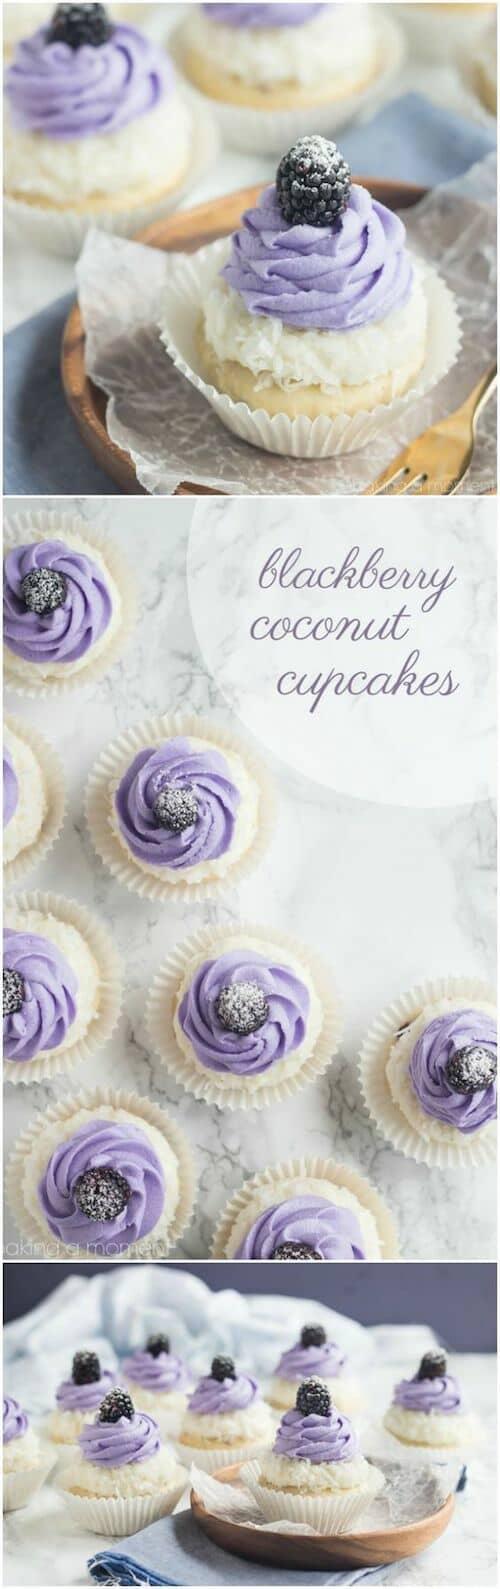 Cupcakes de coco con frambuesas para combinar con los colores de tu boda por Bakingamoment.